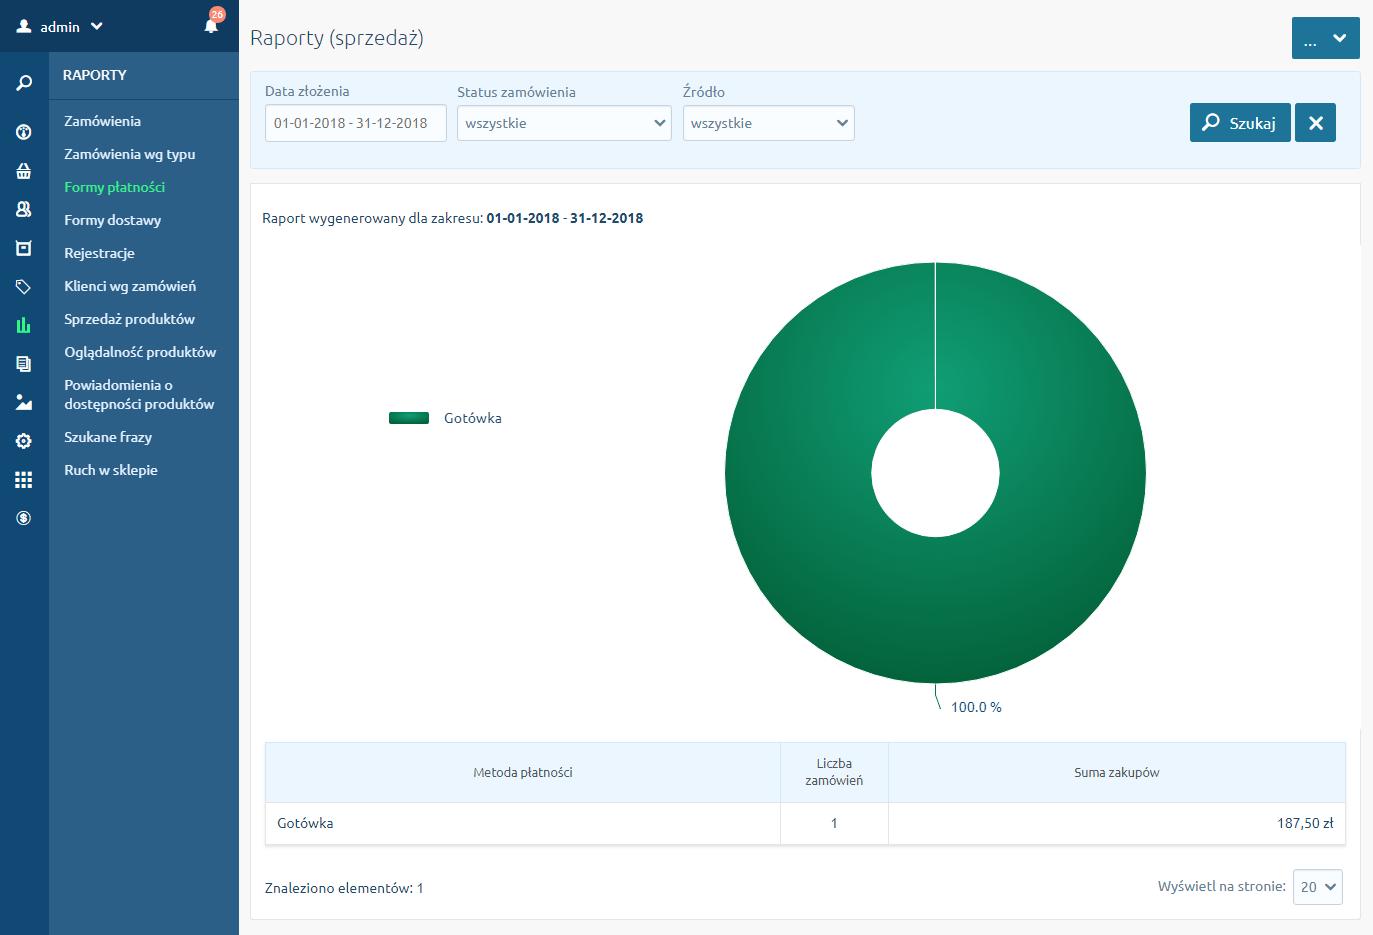 Zakładka Formy płatności w menu Raporty - Sprzedaż